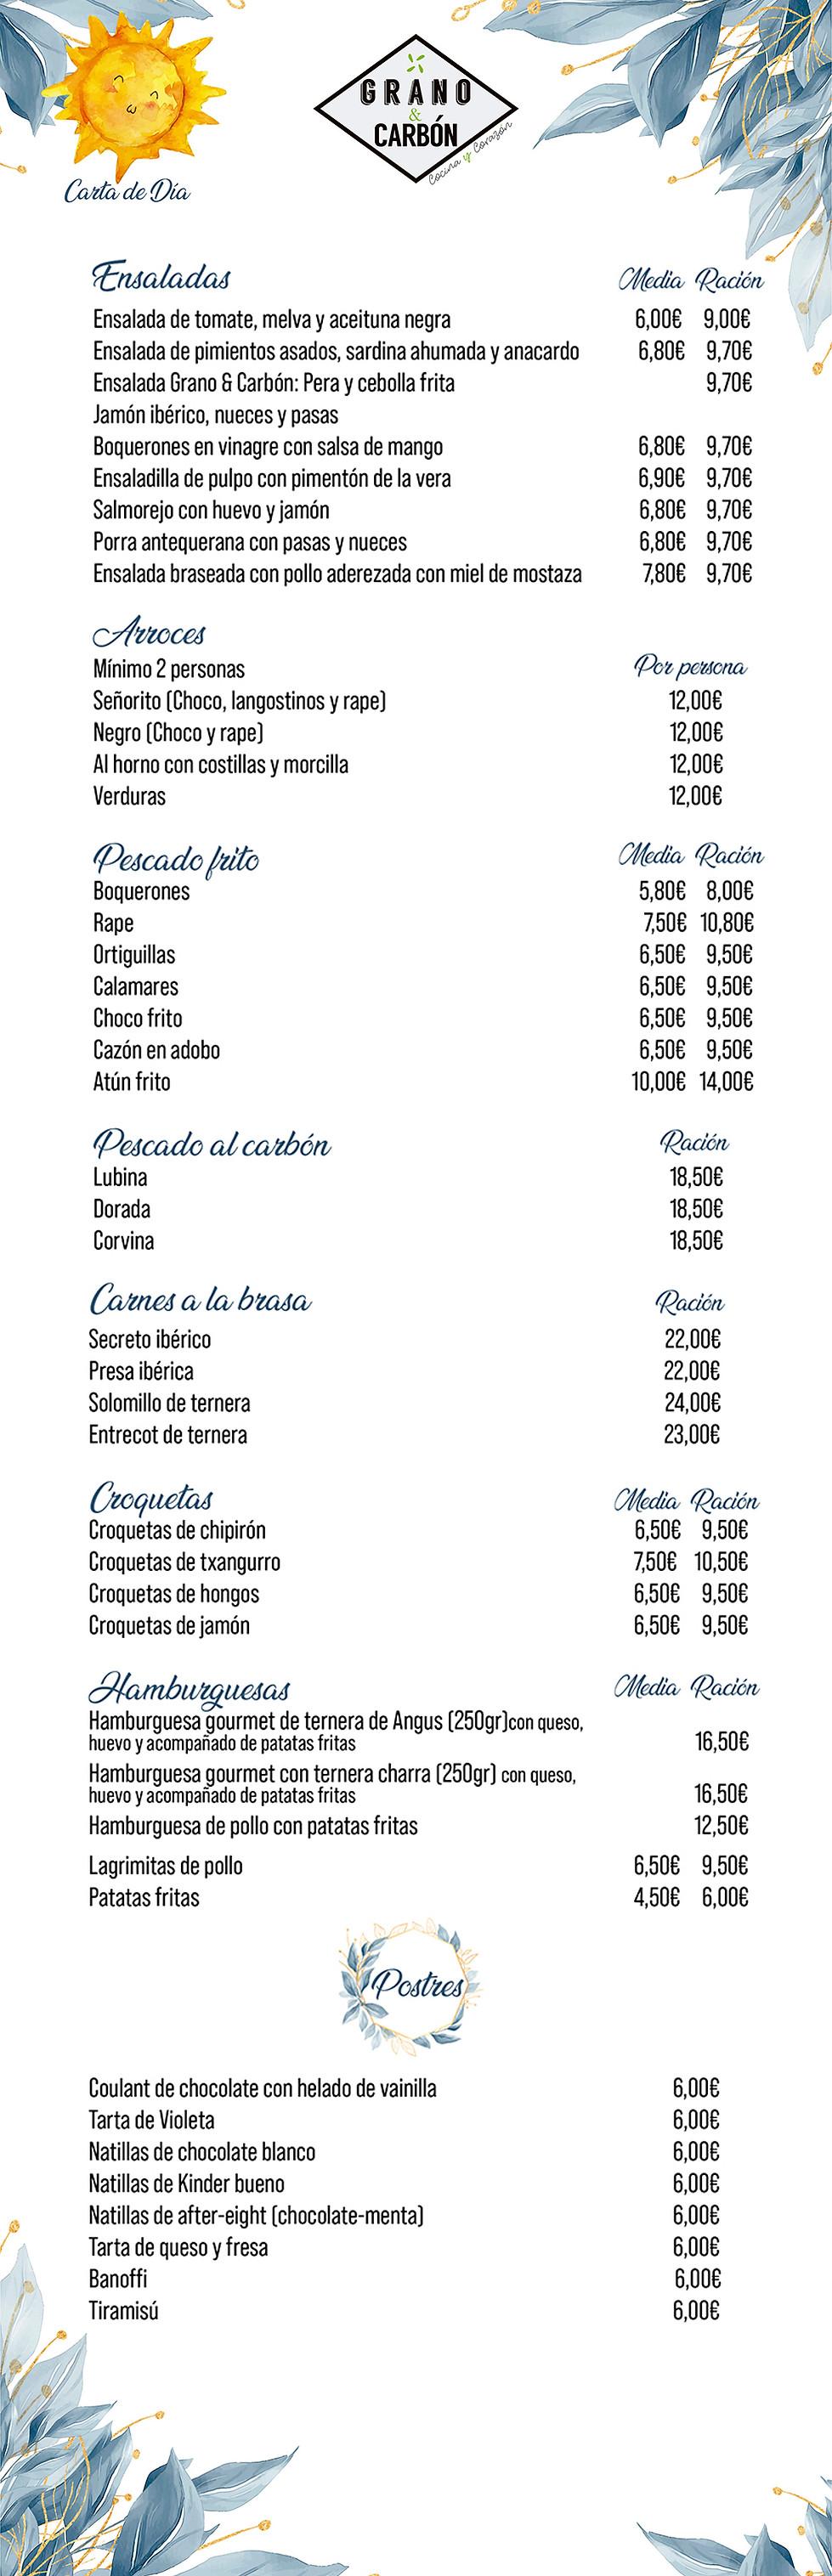 CARTA GRANO Y CARBON WEB.jpg